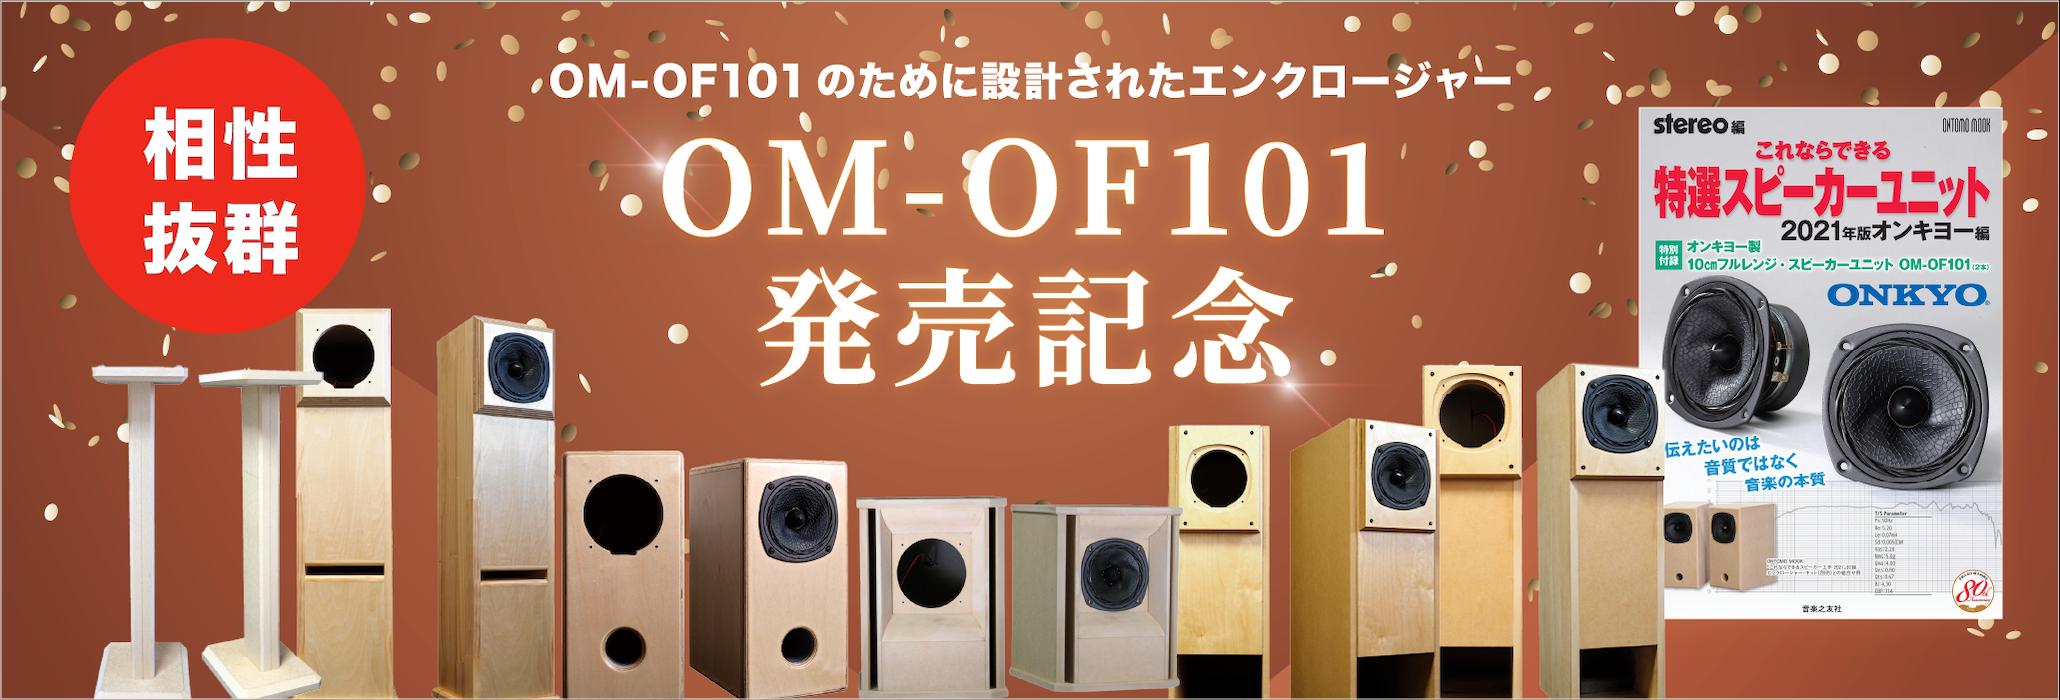 OM-OF101